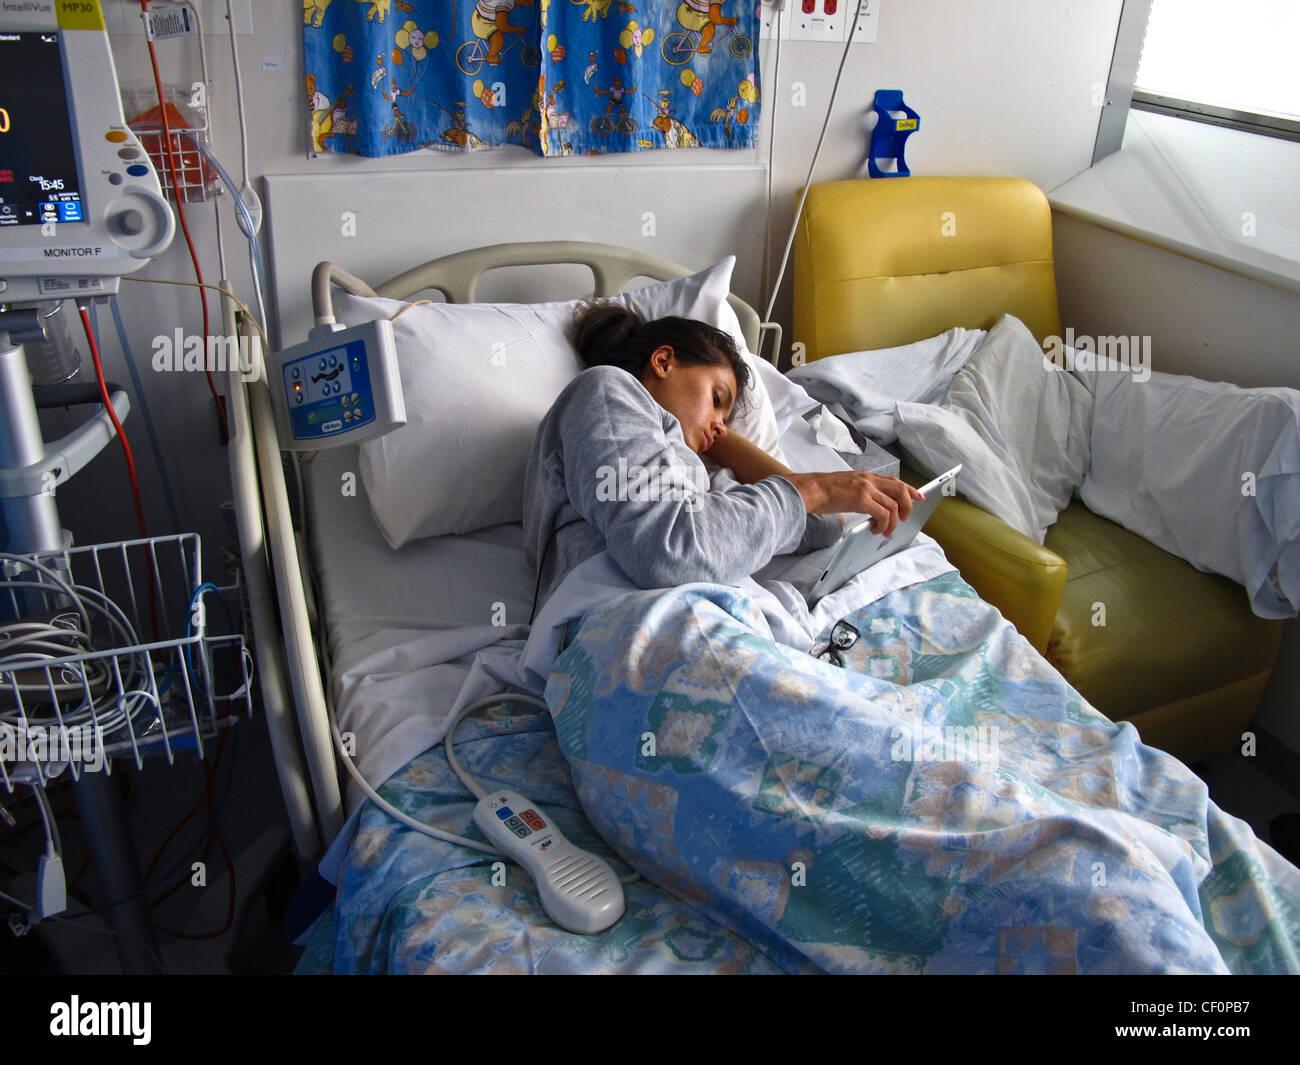 Ein junges Mädchen mit Anorexia Nervosa wird im Krankenhaus behandelt, von Nährstoffen über einen Stockbild